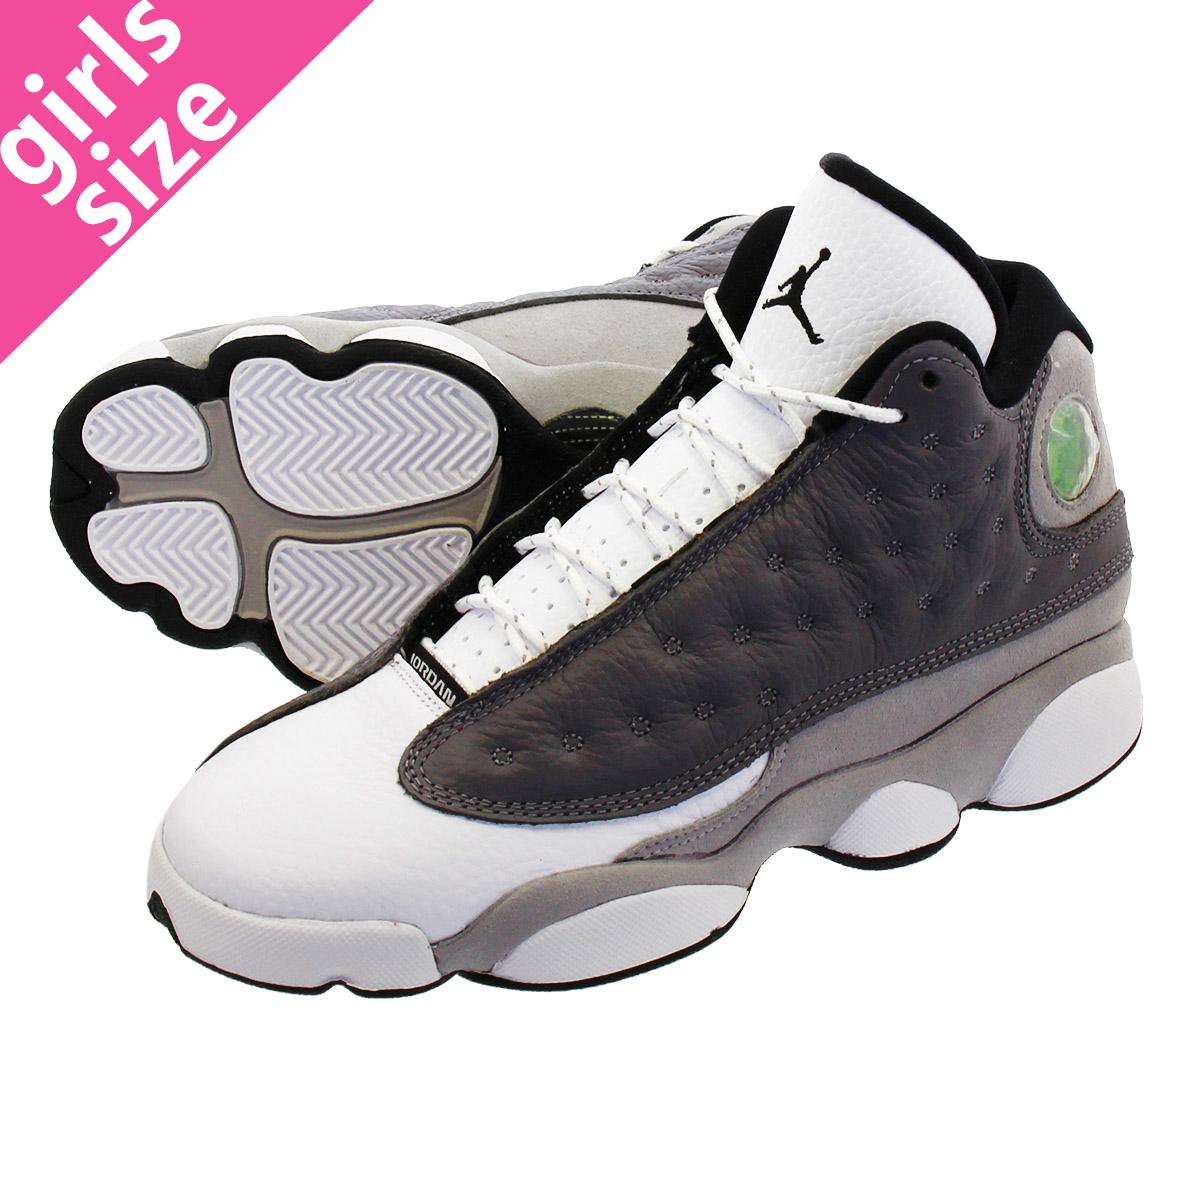 65dc423d4de NIKE AIR JORDAN 13 RETRO BG Nike Air Jordan 13 nostalgic BG ATMOSPHERE  GREY/BLACK ...